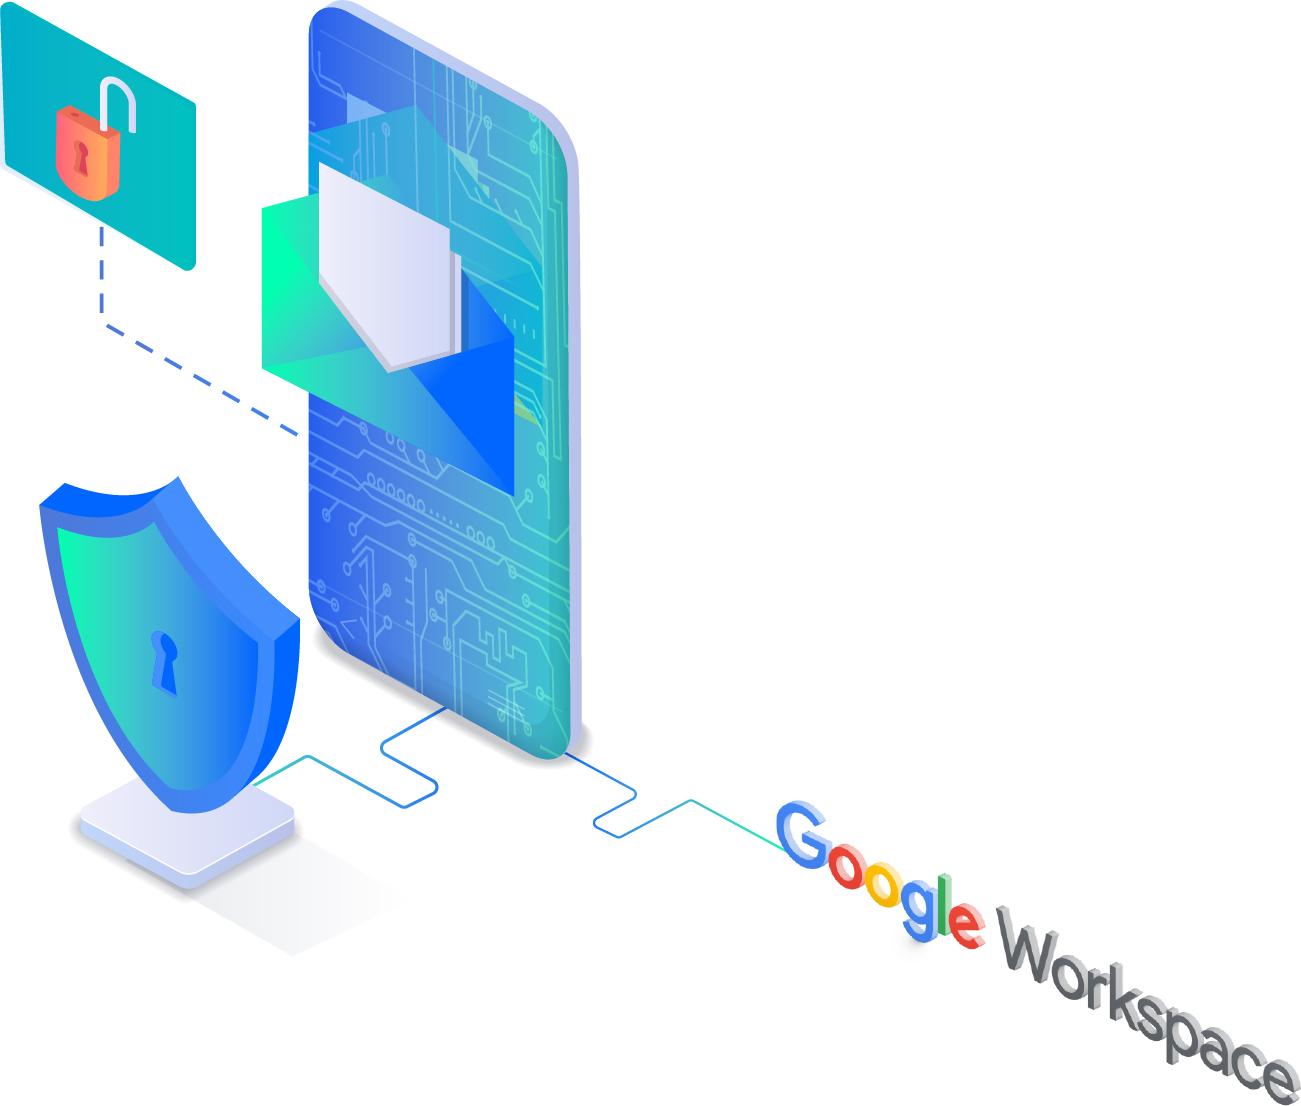 La stessa infrastruttura e protezione integrata che utilizza Google